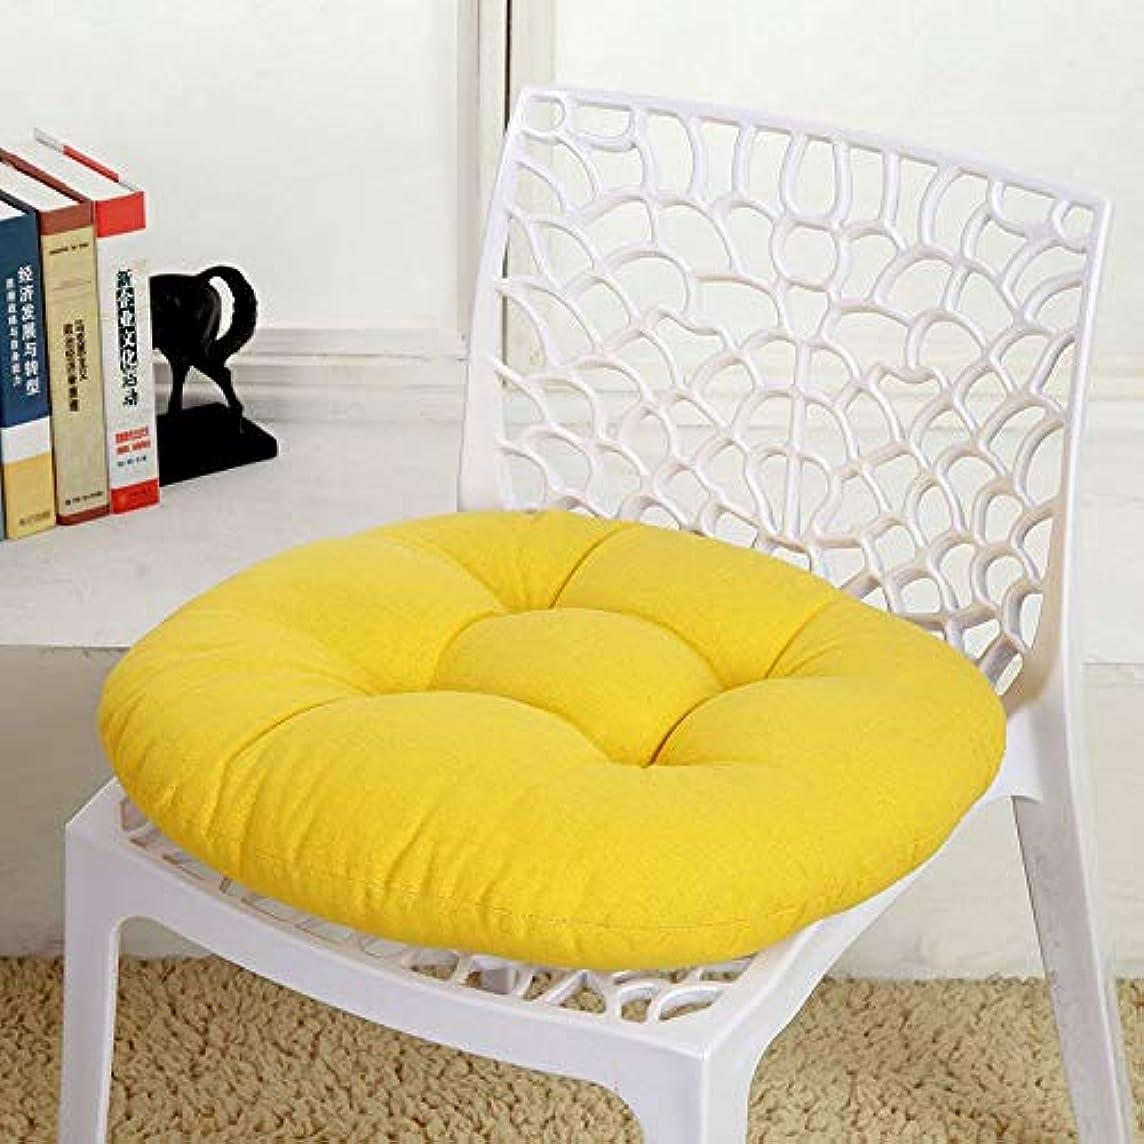 艶明らか土器SMART キャンディカラーのクッションラウンドシートクッション波ウィンドウシートクッションクッション家の装飾パッドラウンド枕シート枕椅子座る枕 クッション 椅子